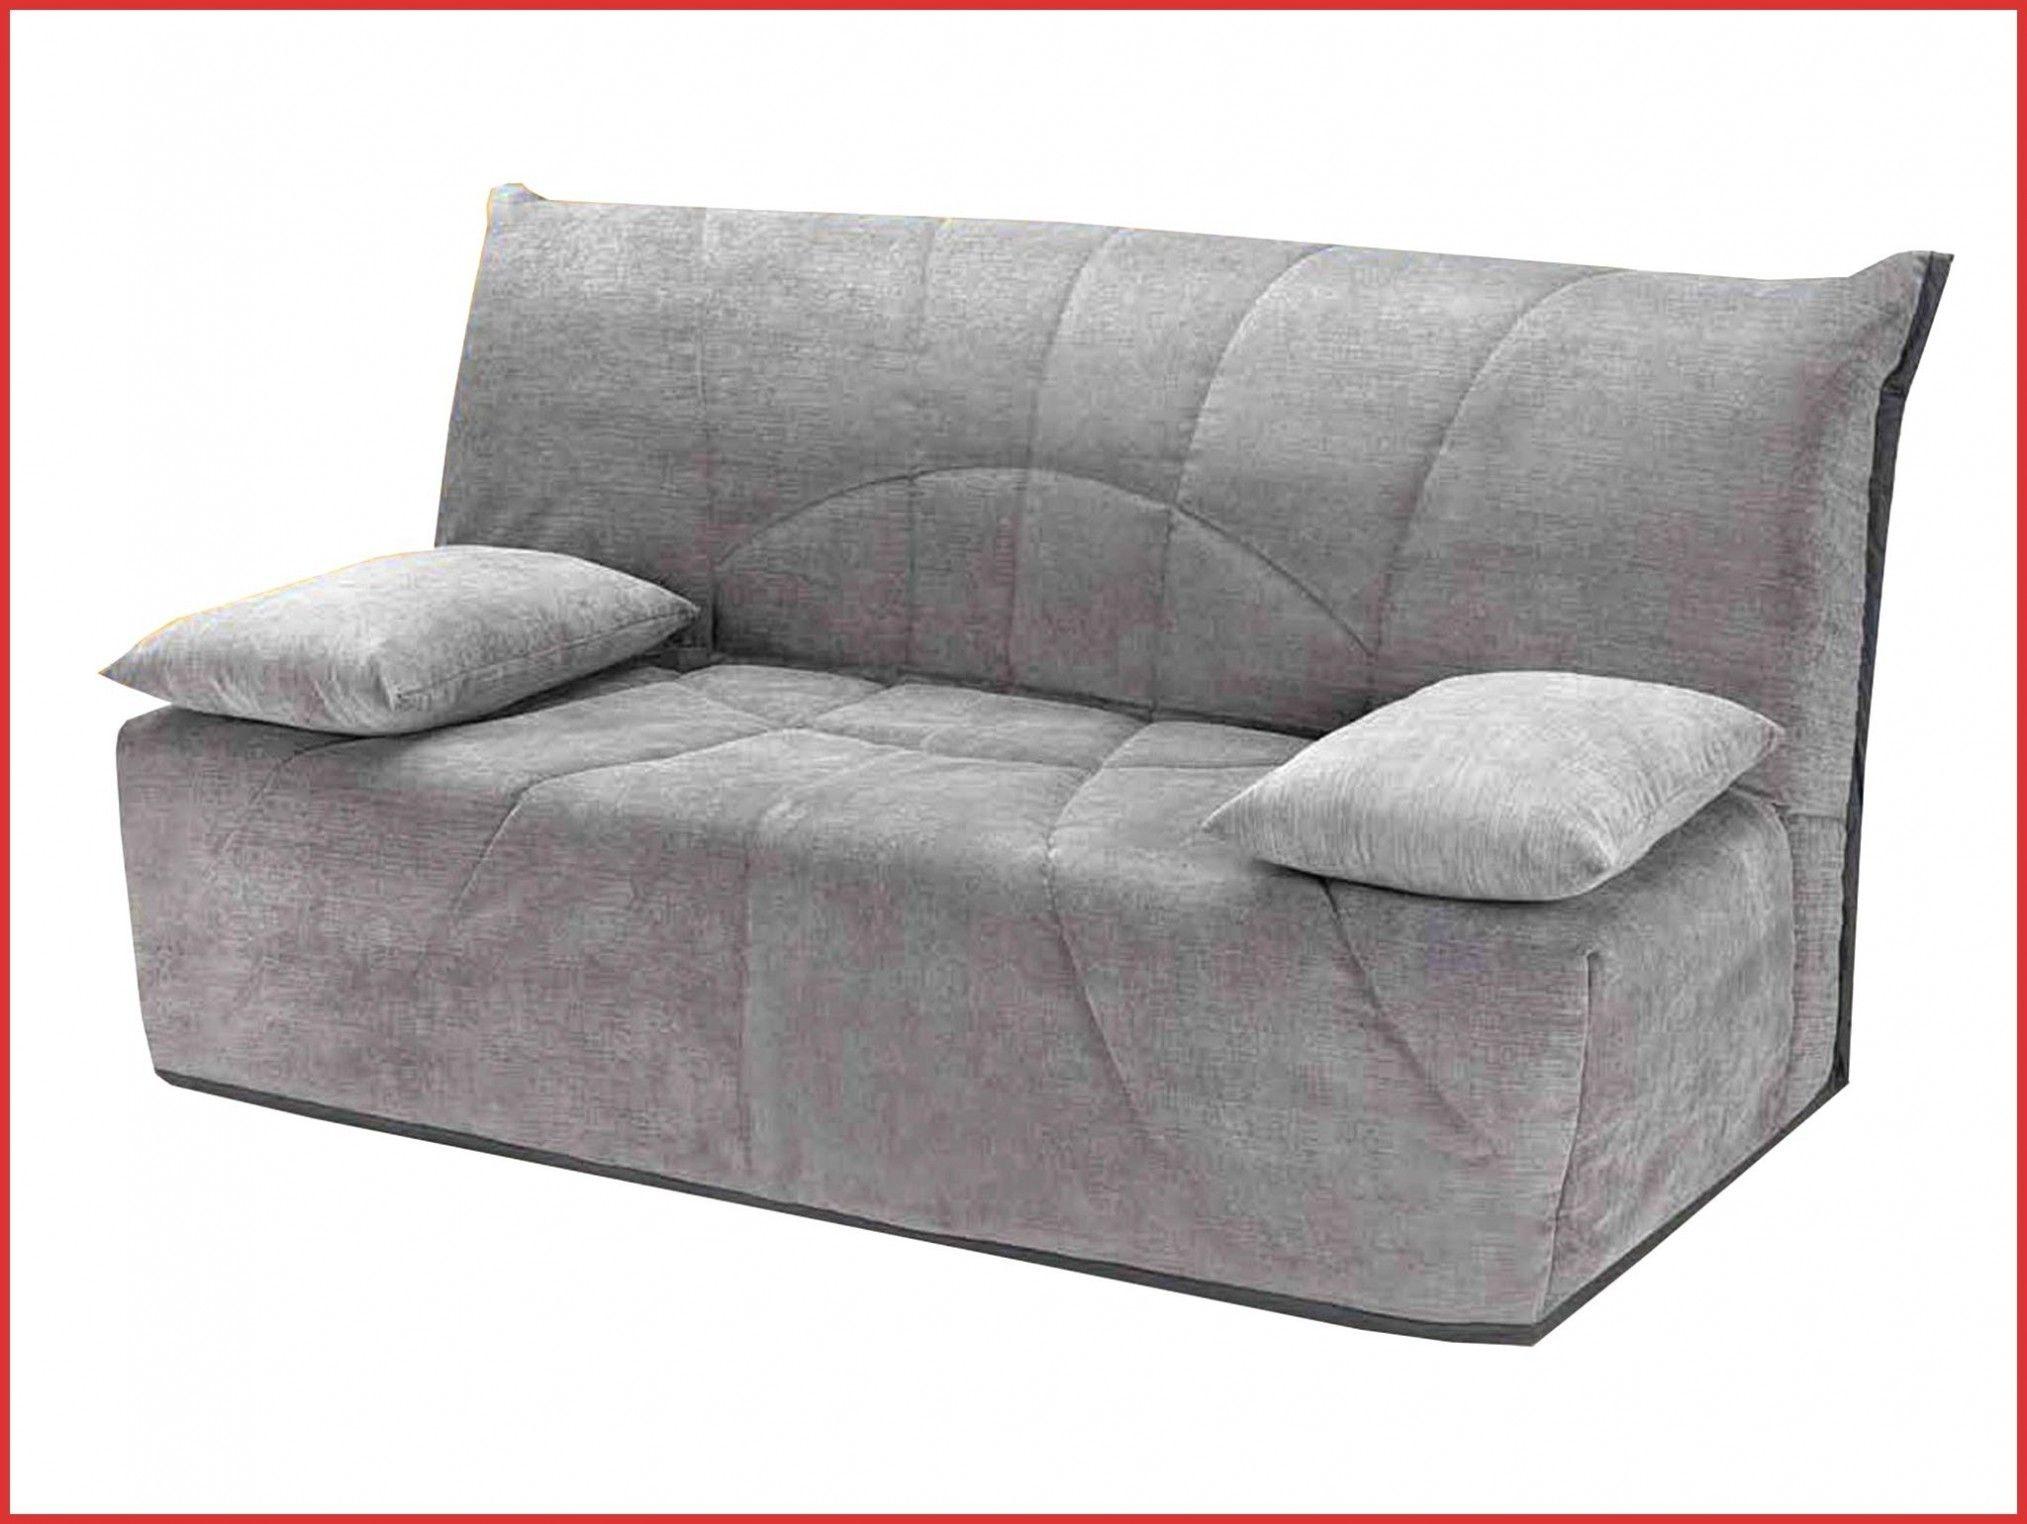 Lit Superposé Avec Matelas Génial étourdissant Lit Superposé Avec Canapé  Luxury Canapé Lit Matelas